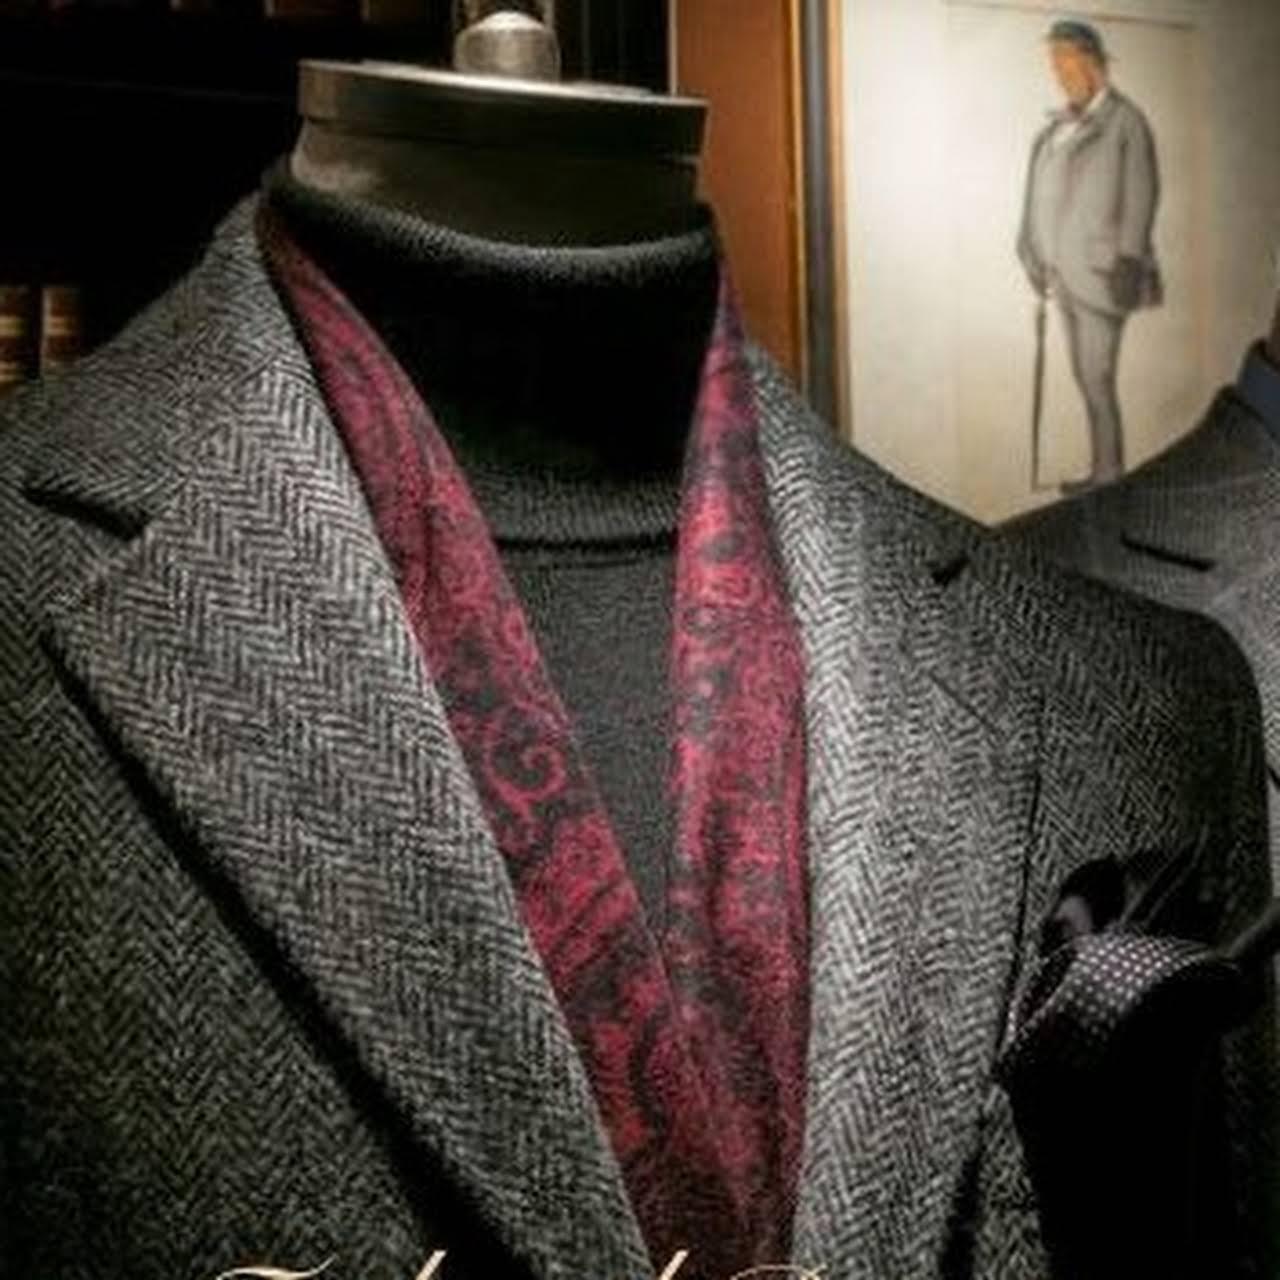 fa34b918512dd Raghav Silk Store(Cloth House In Dasuya) - Best Cloth House In ...